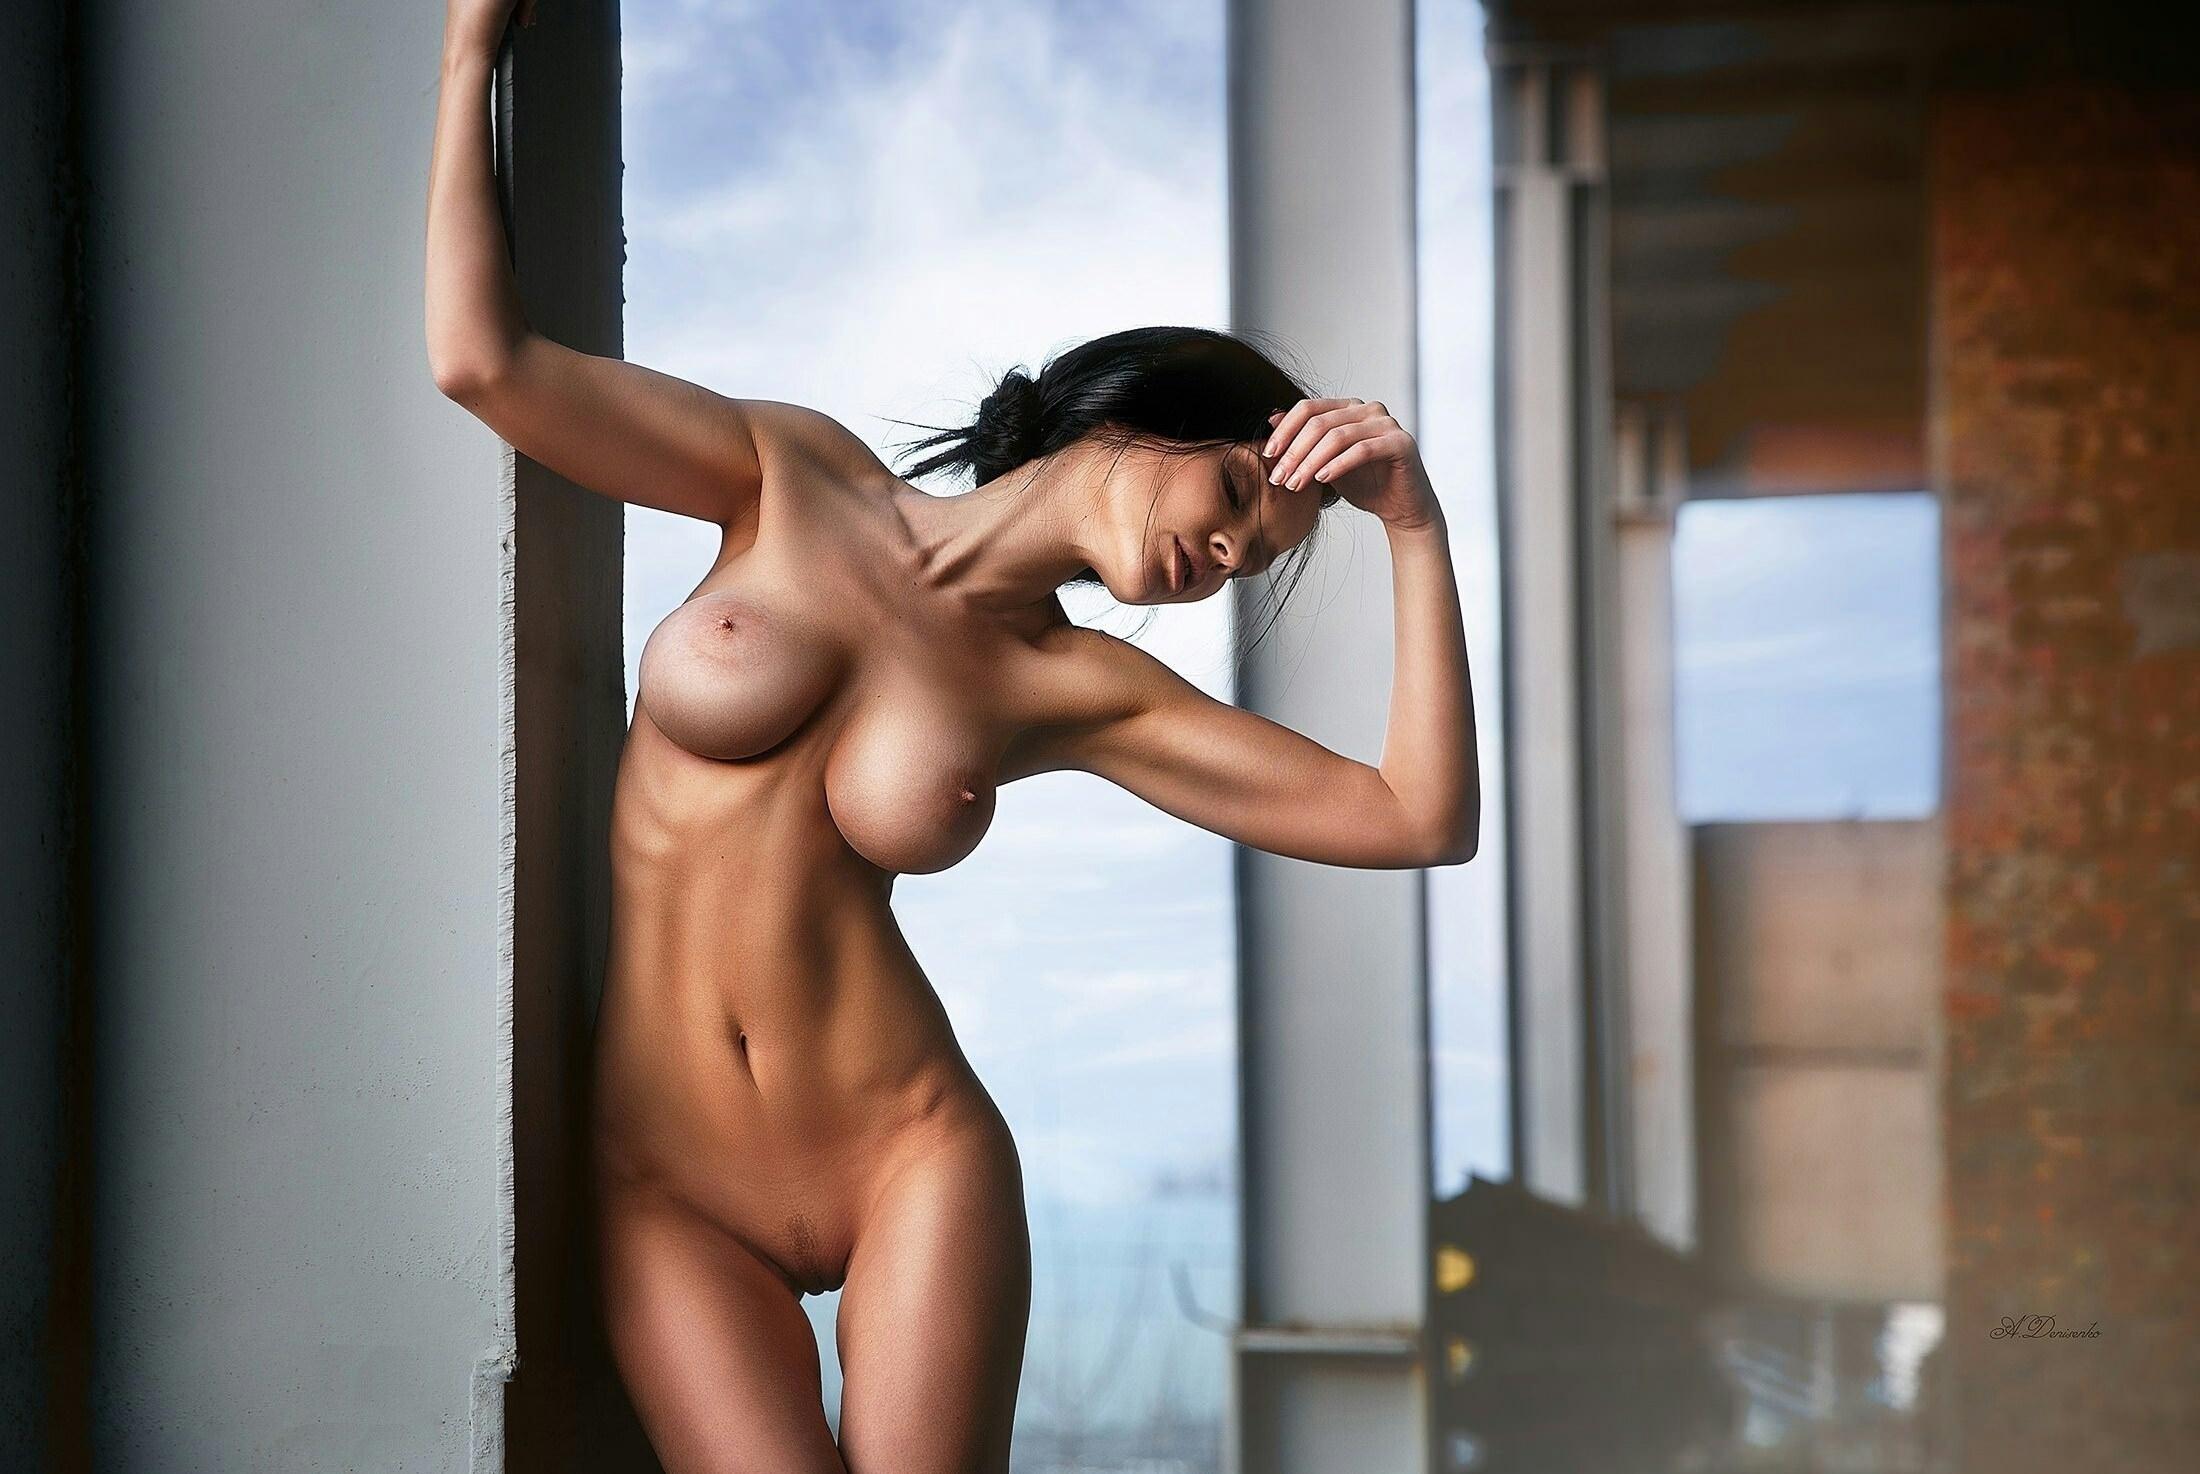 Фото Голая соблазнительная брюнетка позирует, стоя у окна, прекрасное тело, сиськи, плоский животик, скачать картинку бесплатно